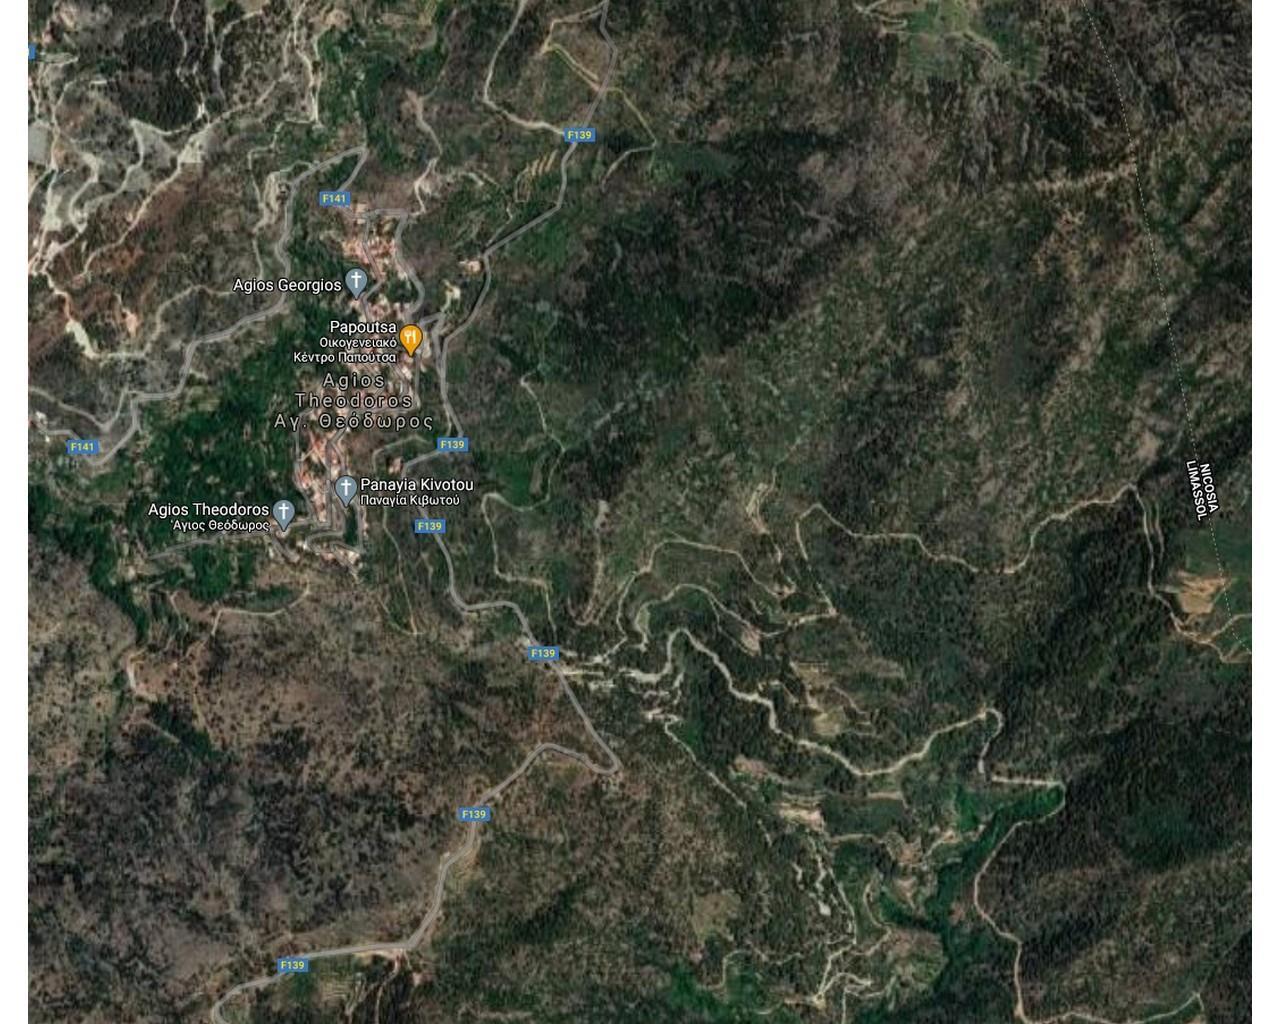 Land Limassol(AGIOS THEODOROS)  6522 SqMt for sale